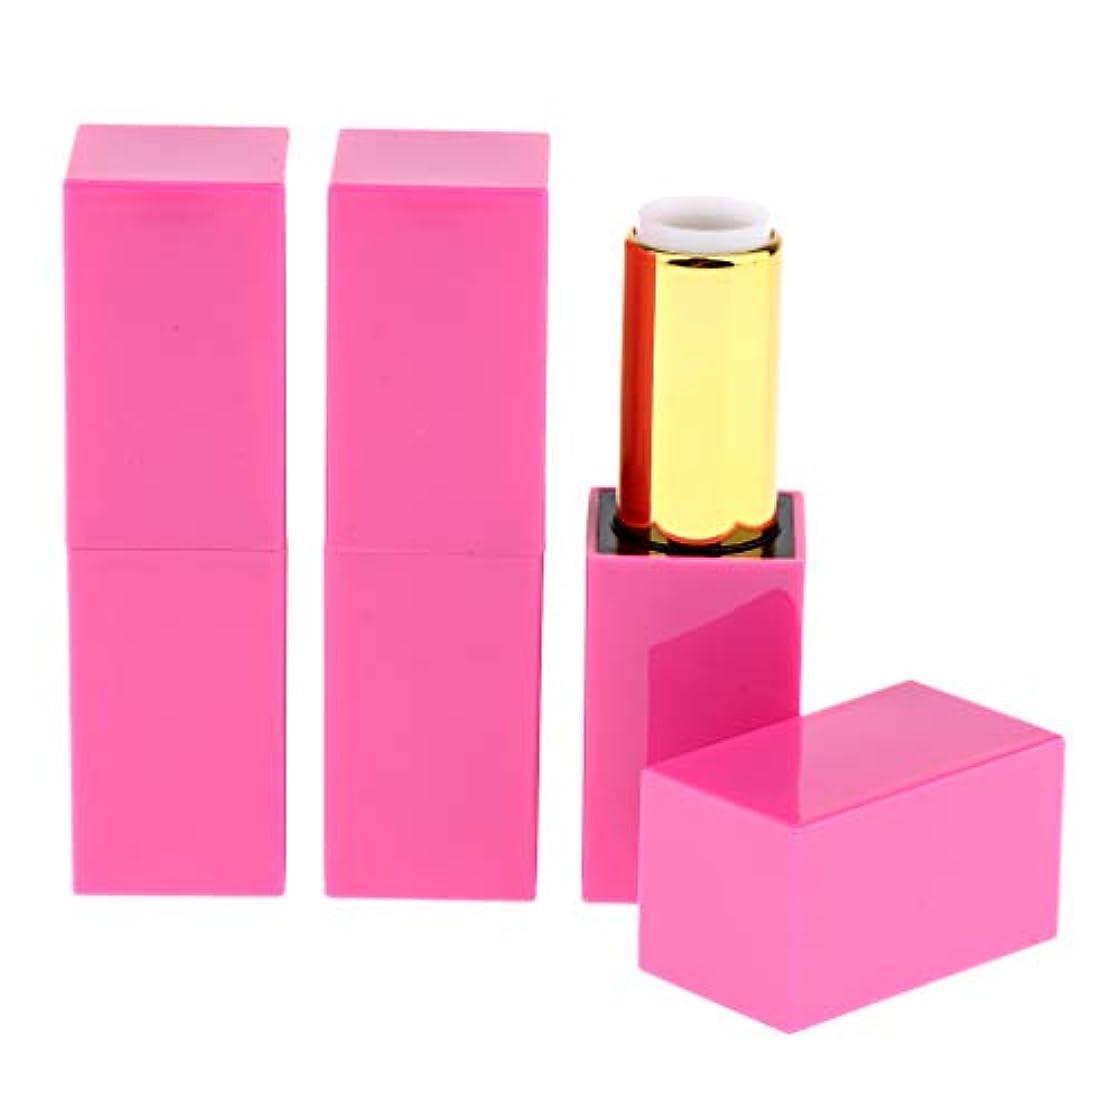 必要ない酸素ローラーリップグロスチューブ 3本リップクリームボトル 空ボトル 小分けボトル 化粧品詰め替えボトル手作り化粧品